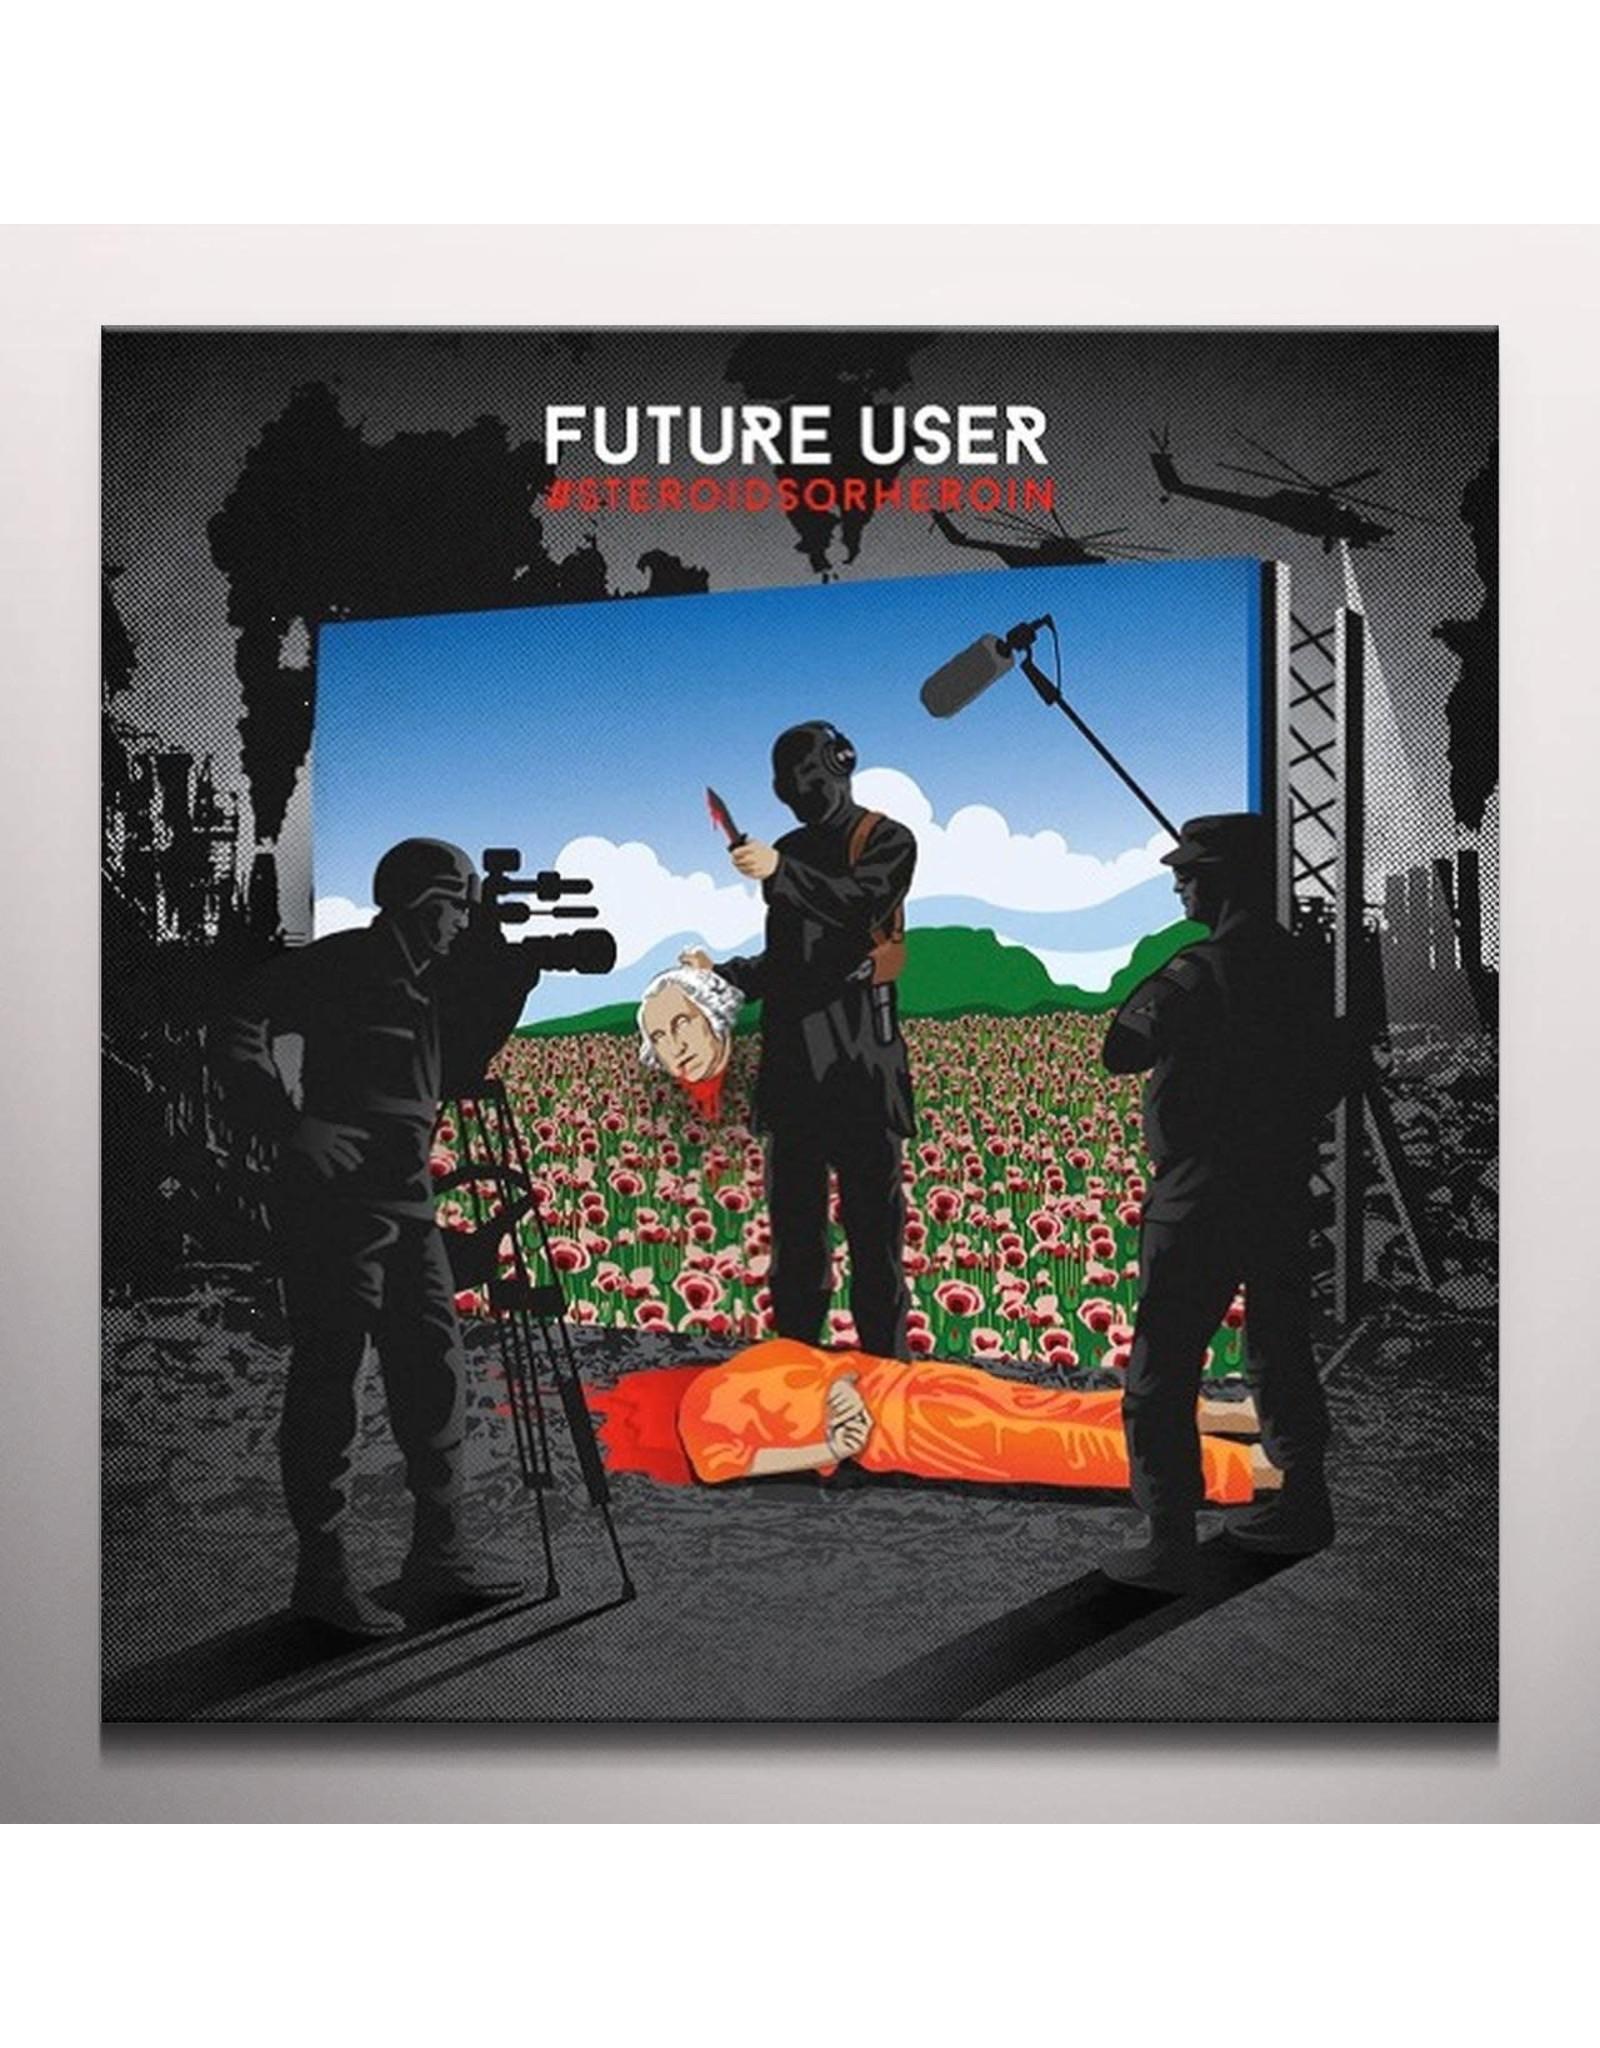 Future User - #Steroidsorheroin LP